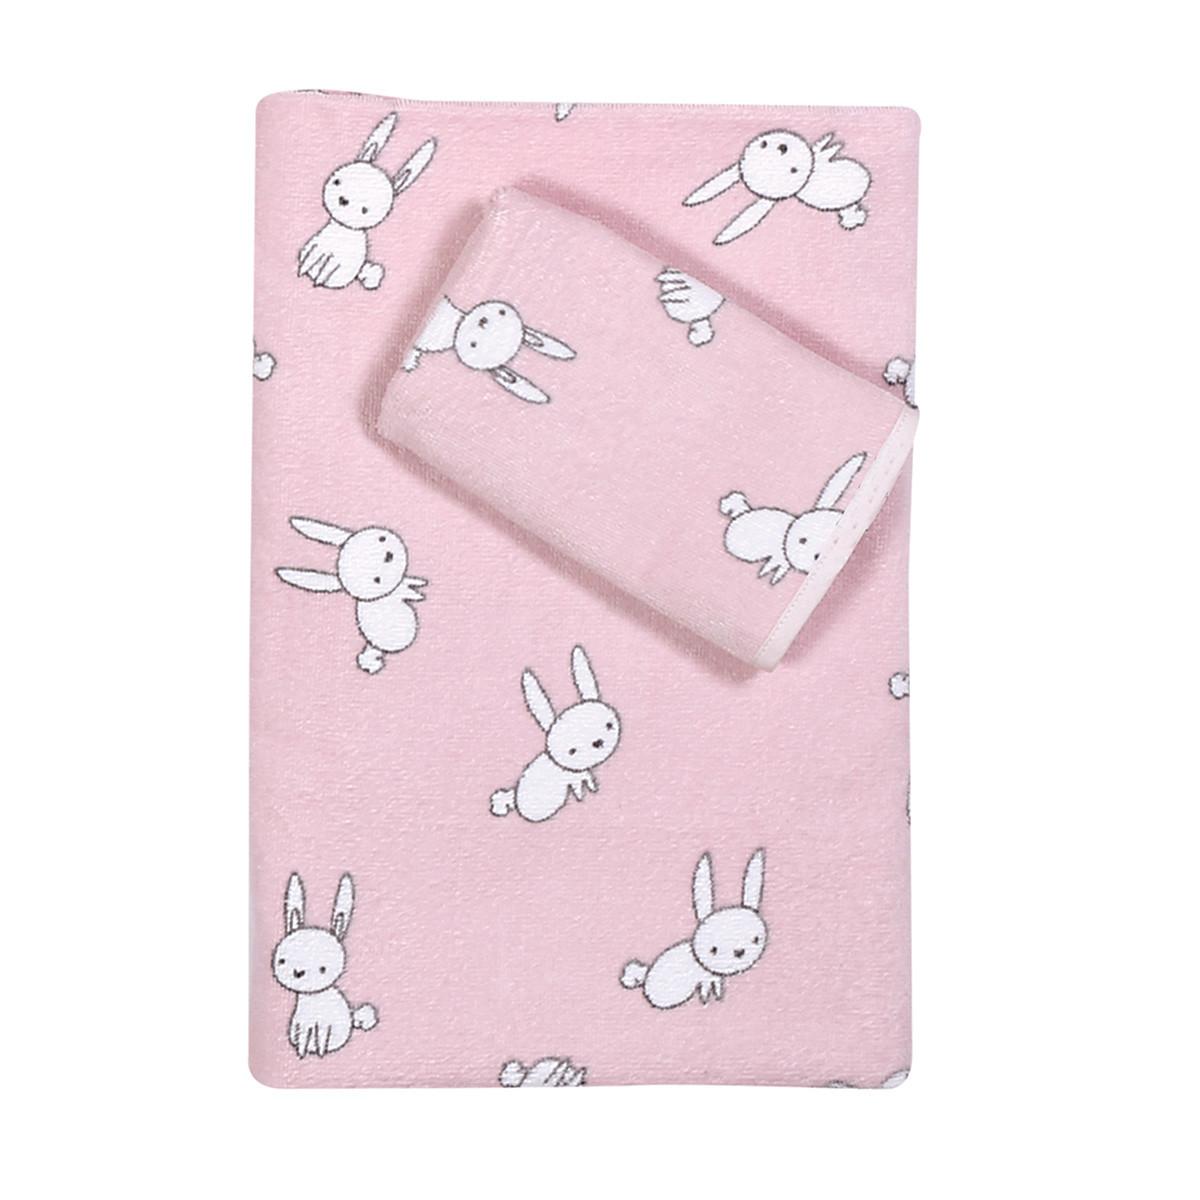 Βρεφικές Πετσέτες (Σετ 2τμχ) Nef-Nef Baby Bunny Life